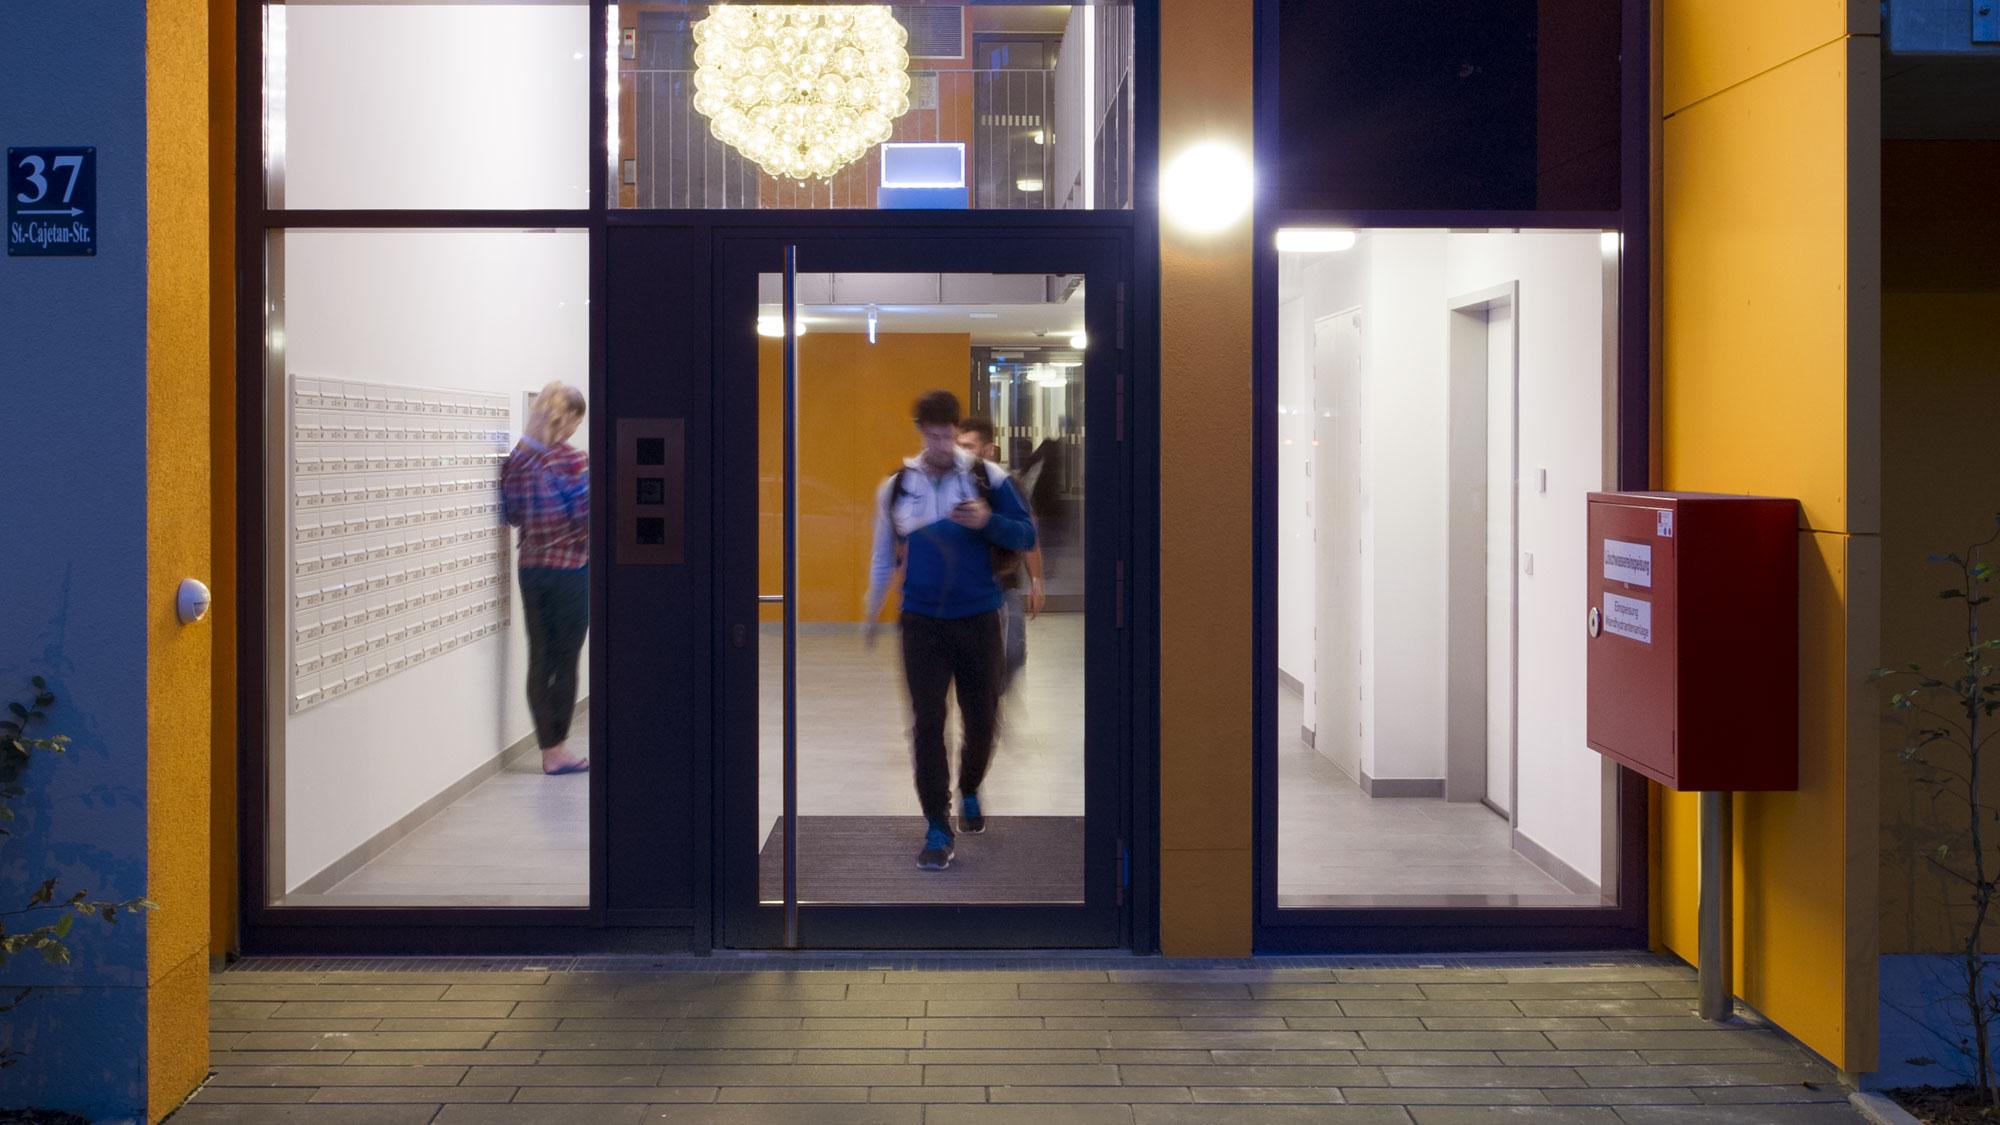 studiosus-4: Eingangsbereich